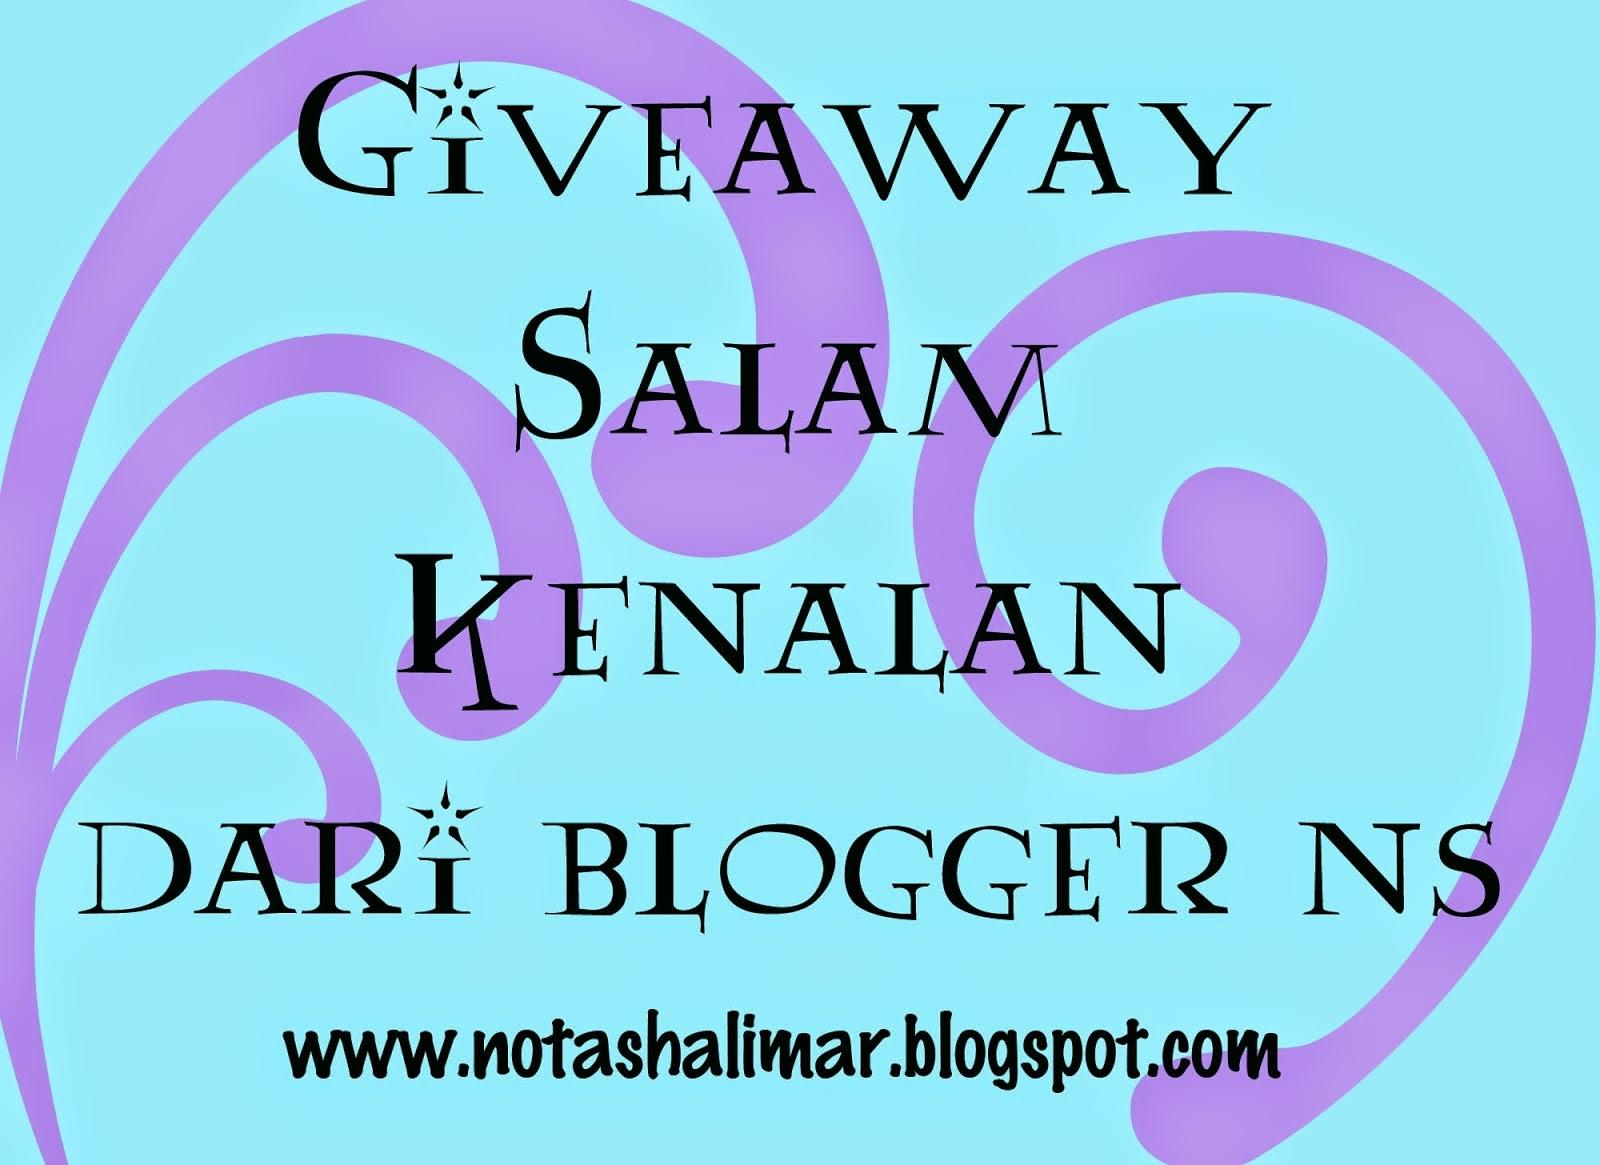 http://notashalimar.blogspot.com/2014/06/giveaway-salam-kenalan-dari-blogger.html